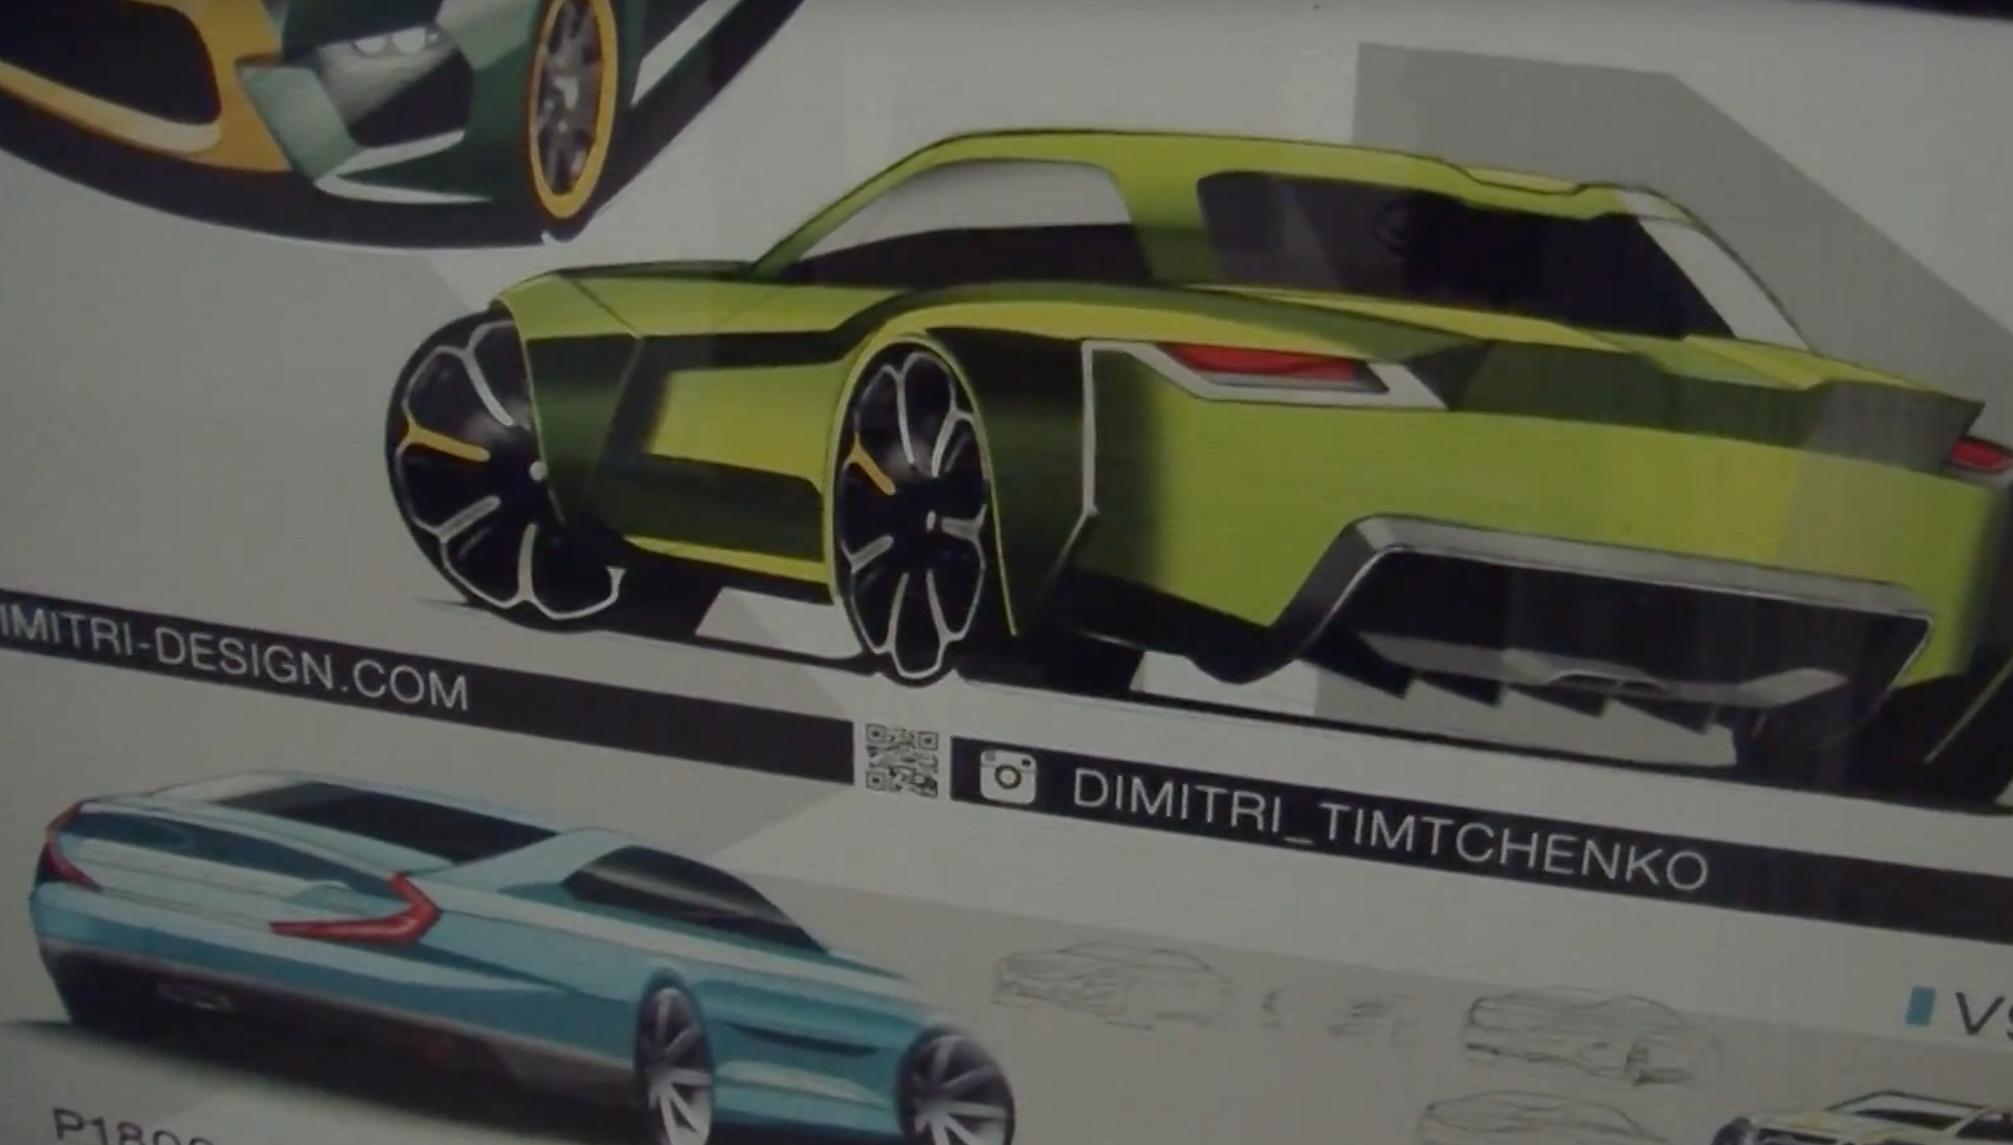 Промышленный дизайн/Дизайн автомобилей в Хамбере